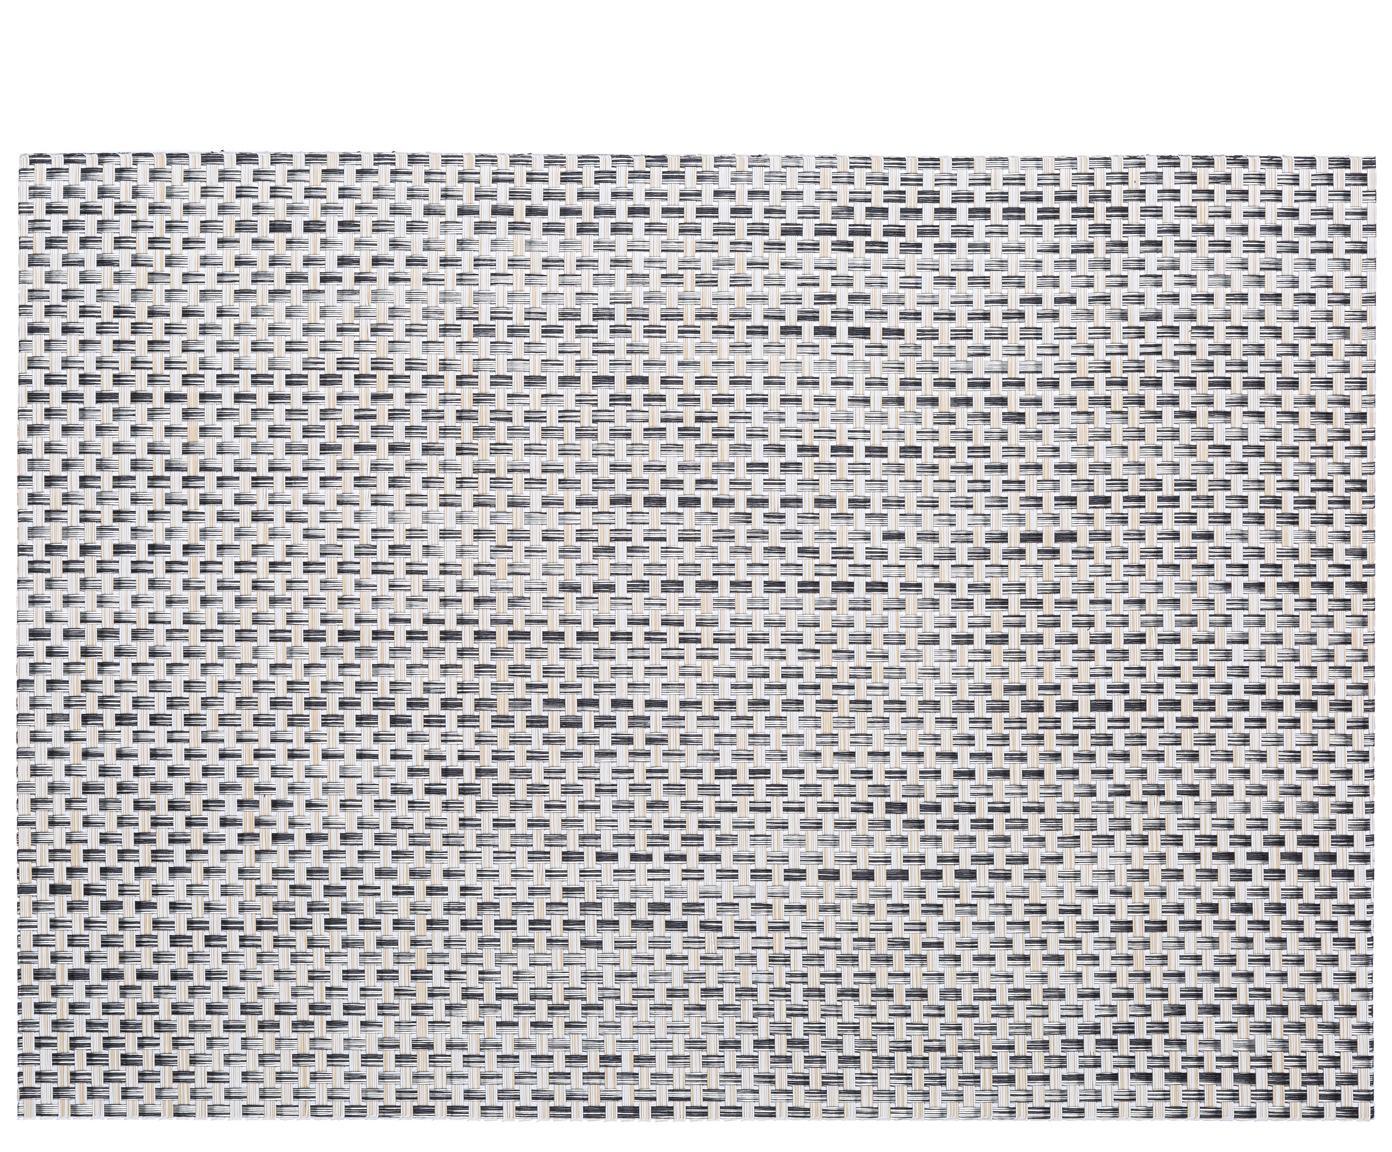 Kunststof Placemats Modern, 2 stuks, Kunststof Vlekken verwijderen met behulp van een vochtige doek., Beige, Lichtgrijs, 33 x 46 cm